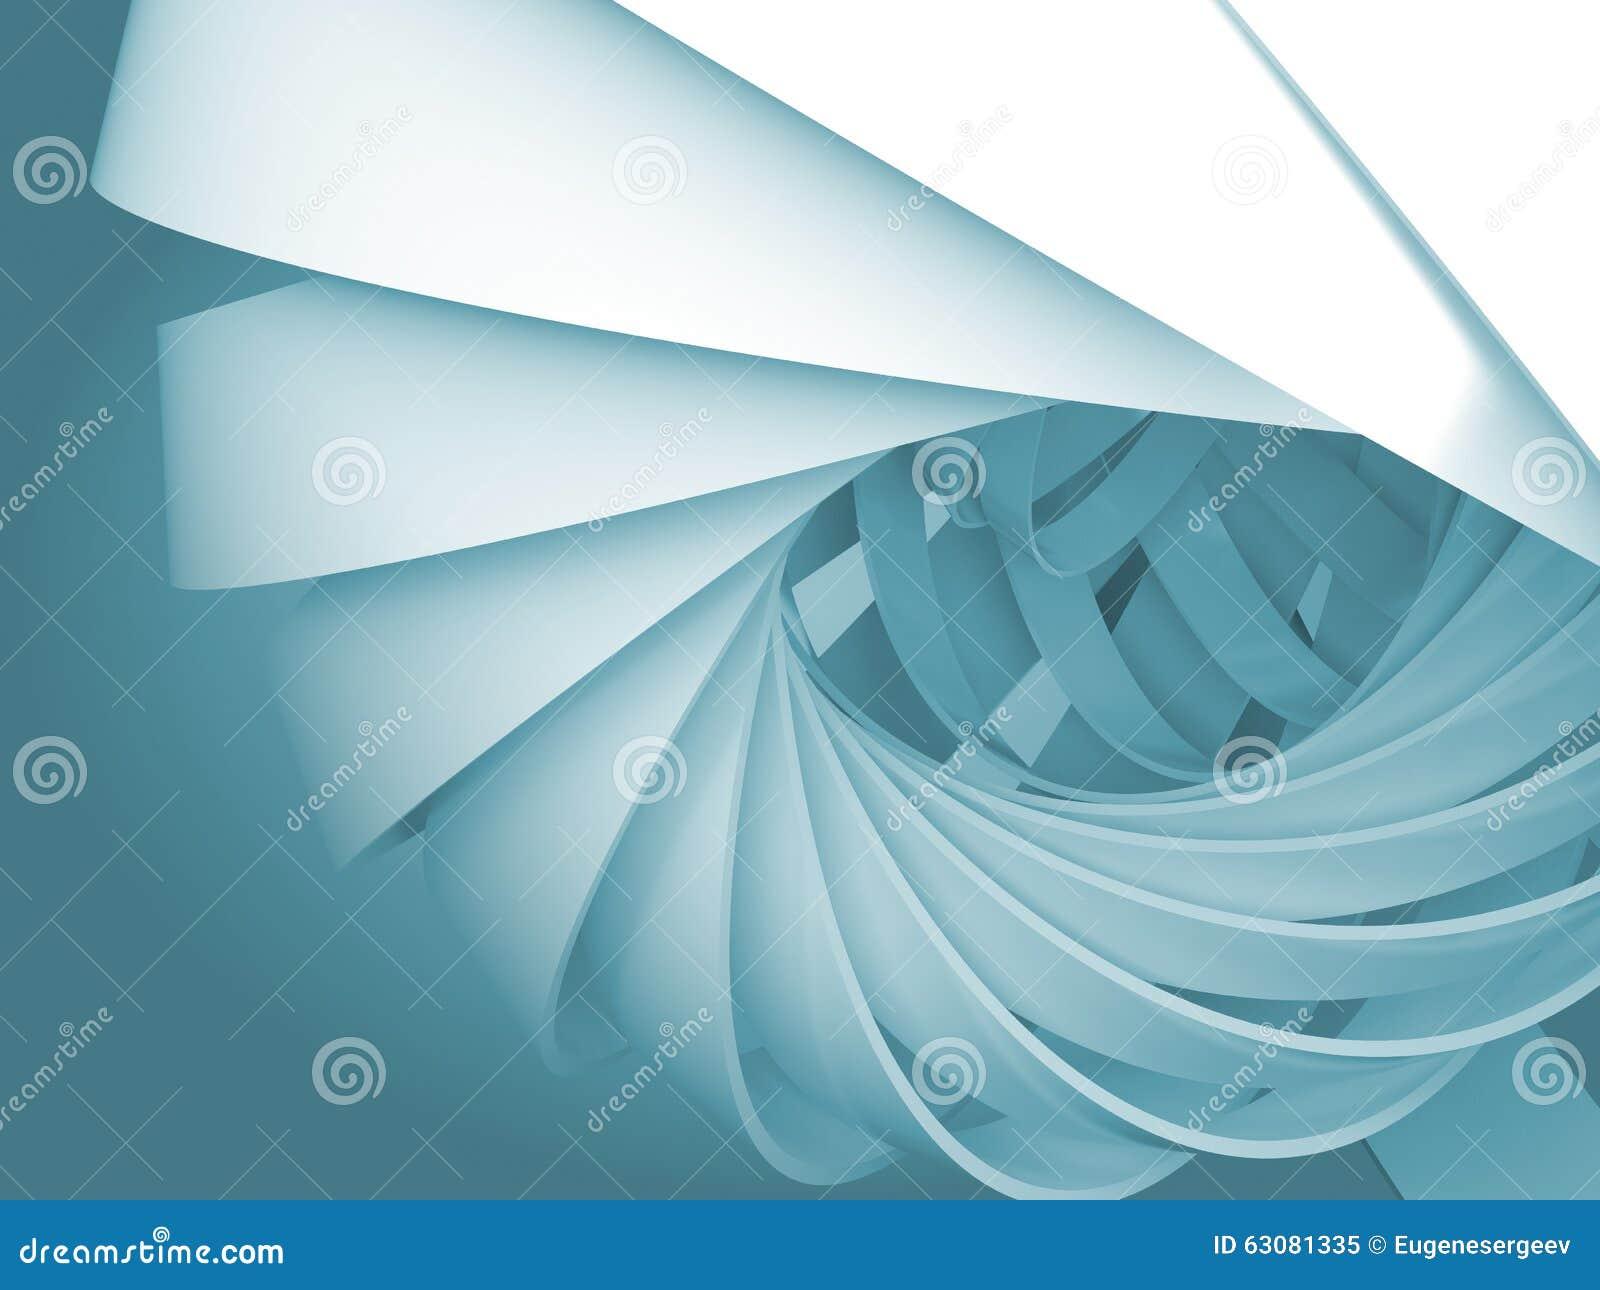 Download Fond Numérique Bleu Avec Des Structures De La Spirale 3d Illustration Stock - Illustration du abstraction, courbé: 63081335